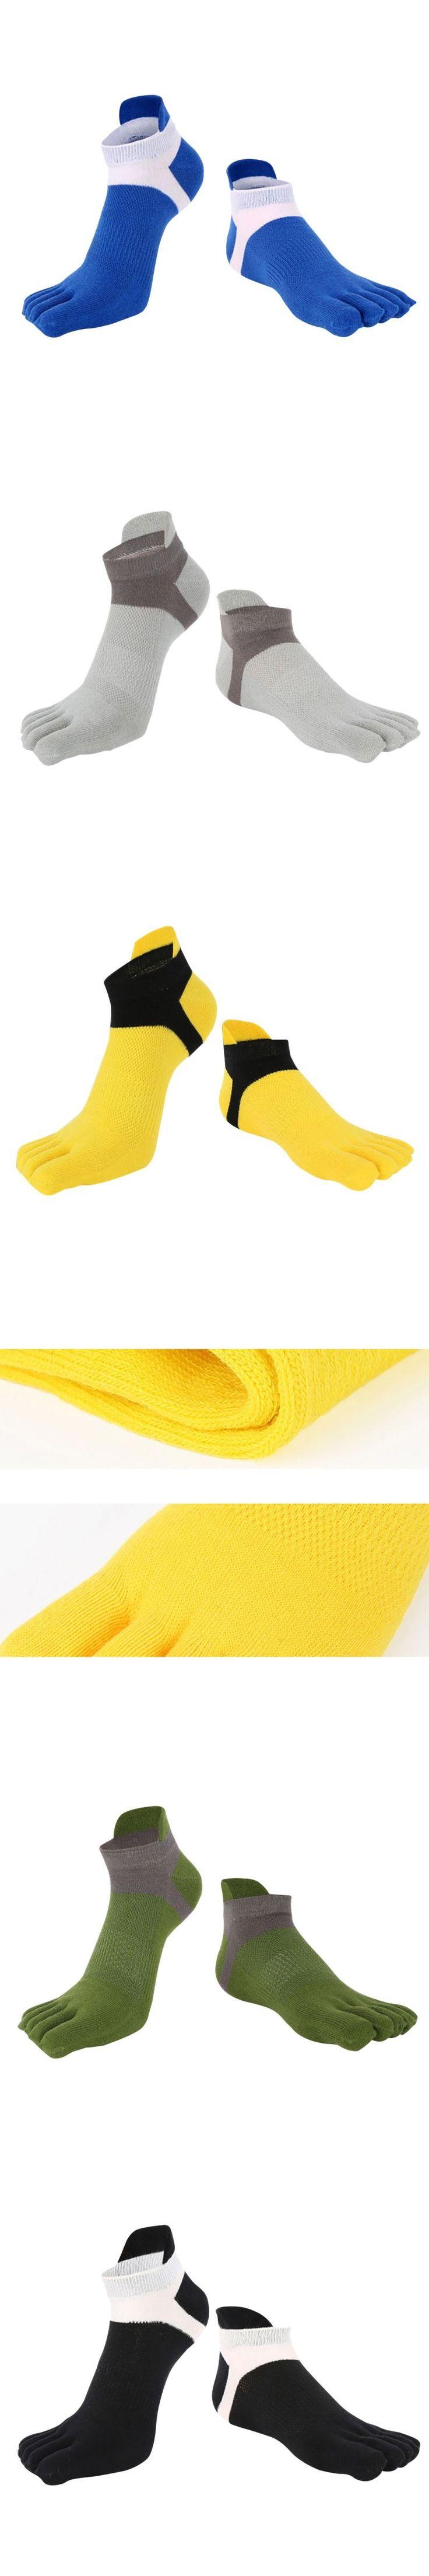 Men's Cotton Five Finger Toe Socks Deportes Short Tube Mesh Finger Meias Polyester Sock Correr Elasticity Sock New Sale